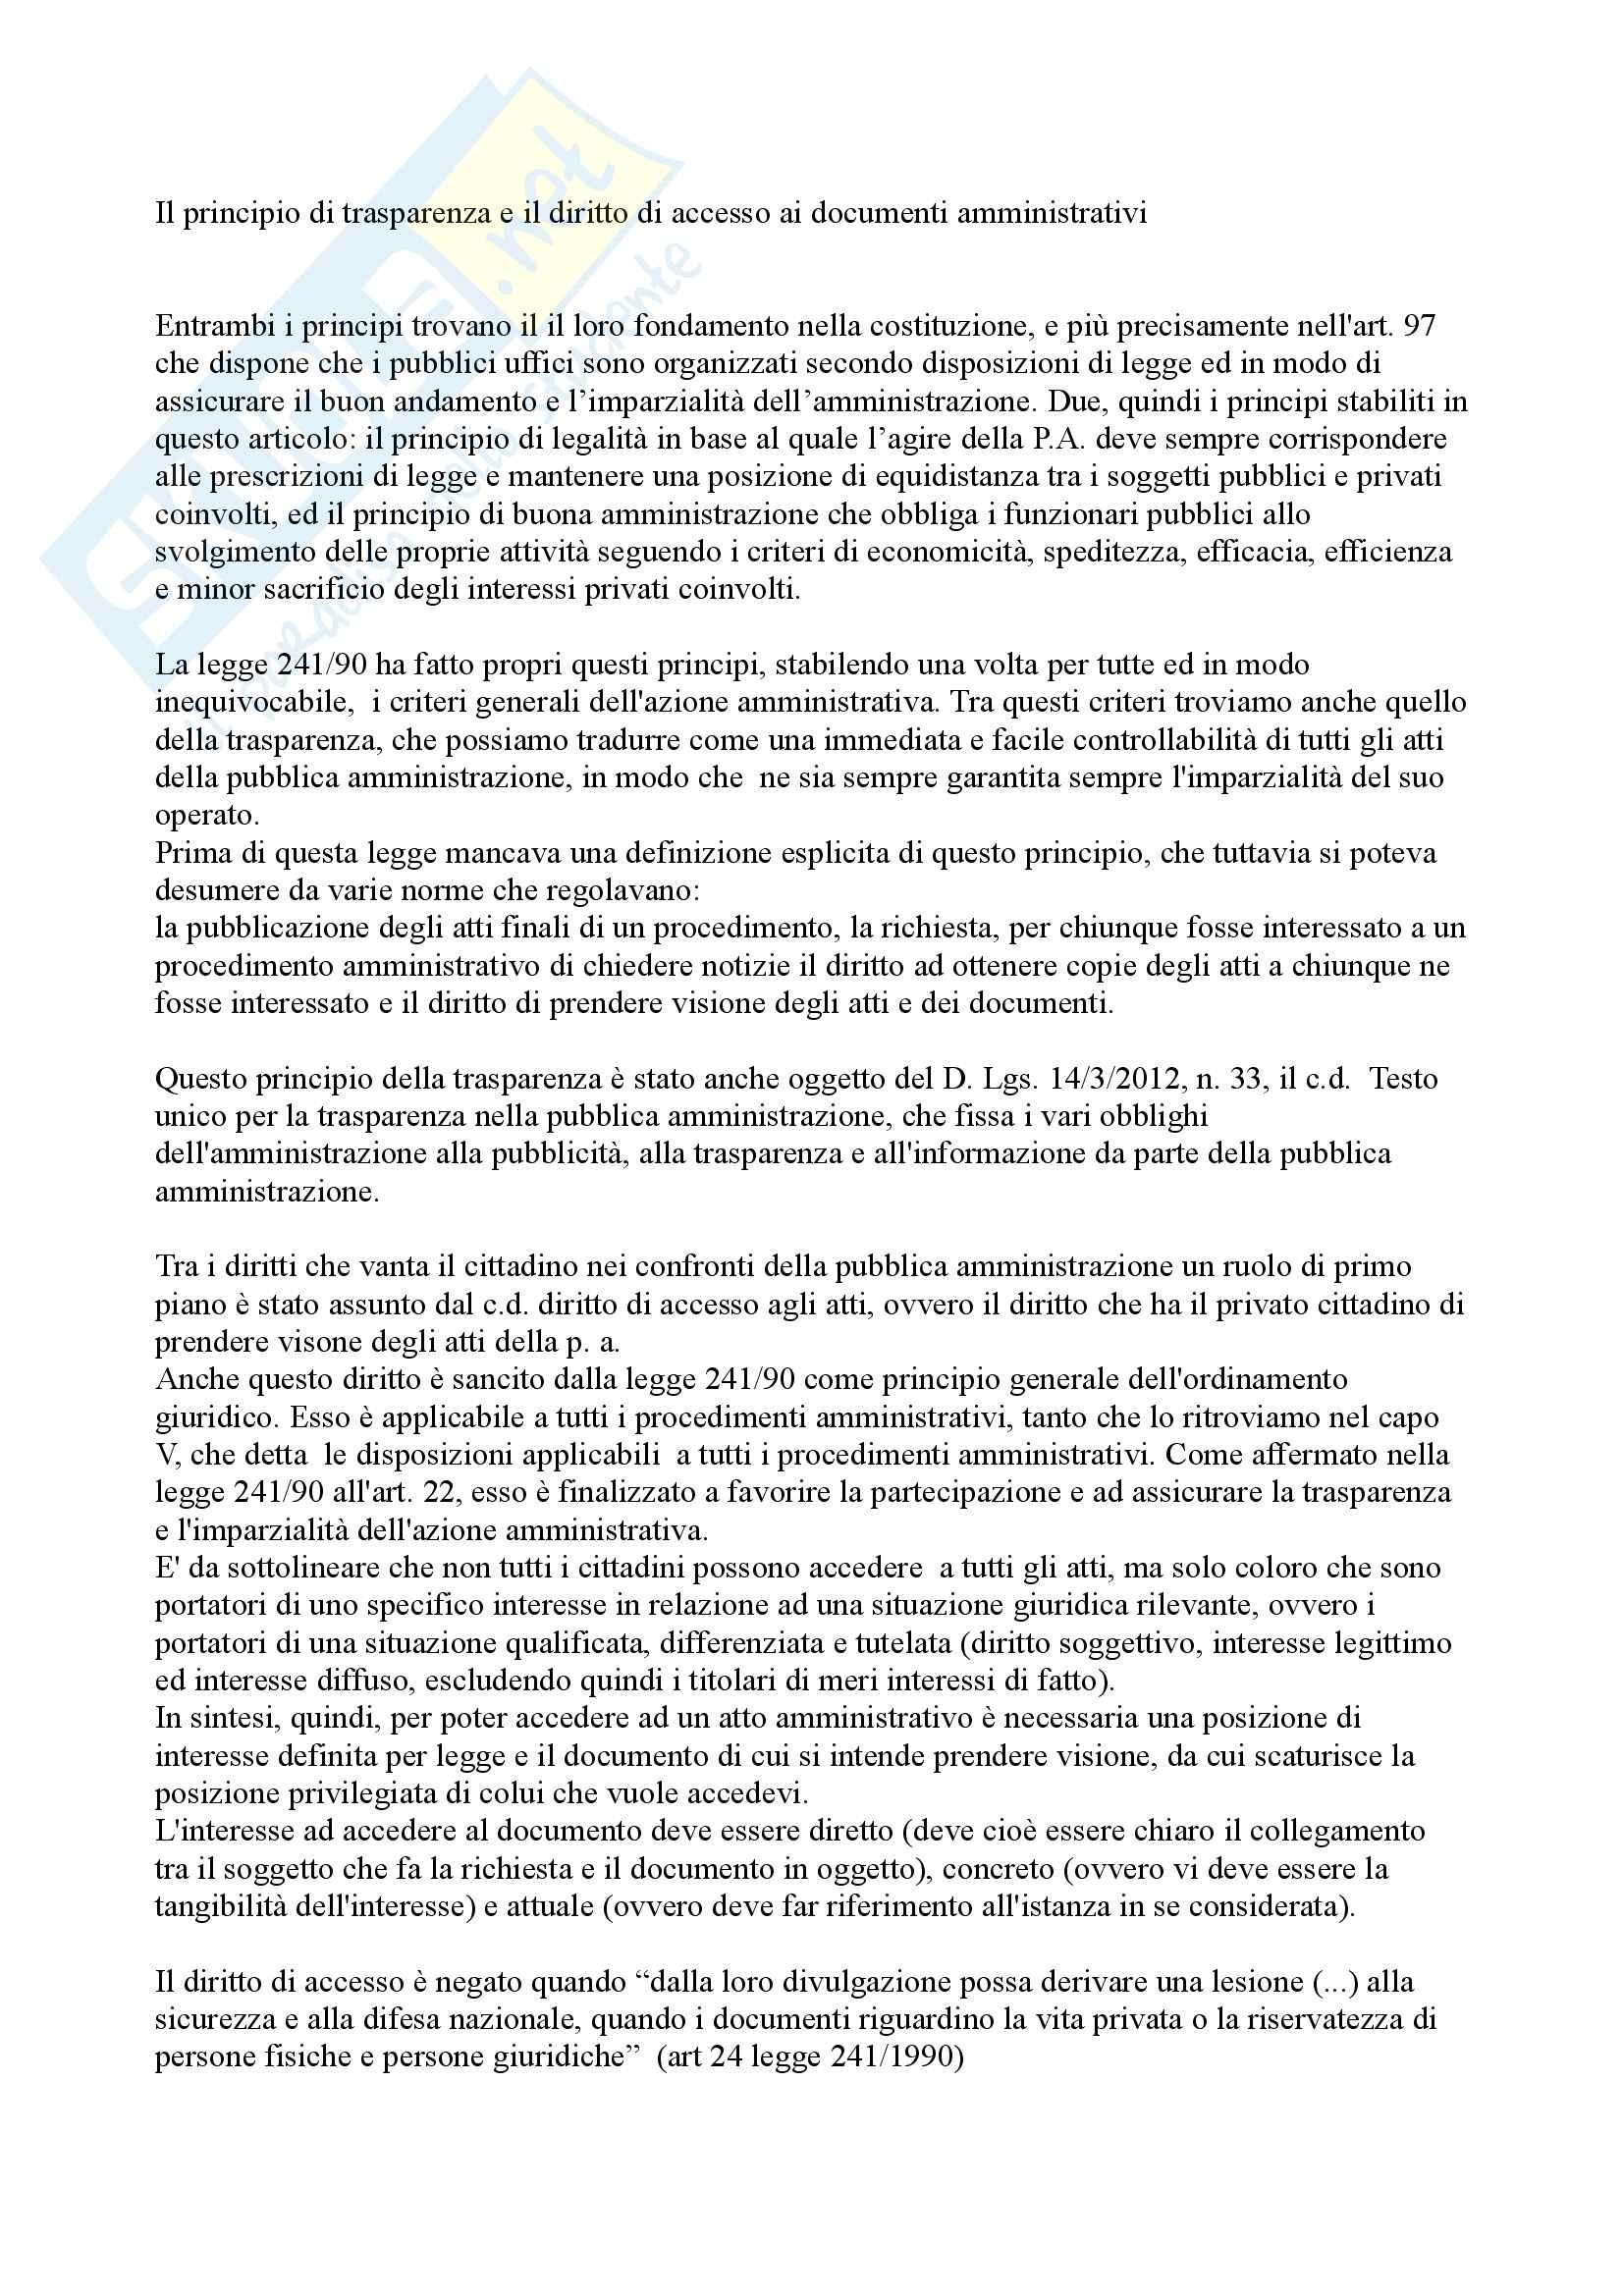 Diritto amministrativo - il diritto di accesso agli atti